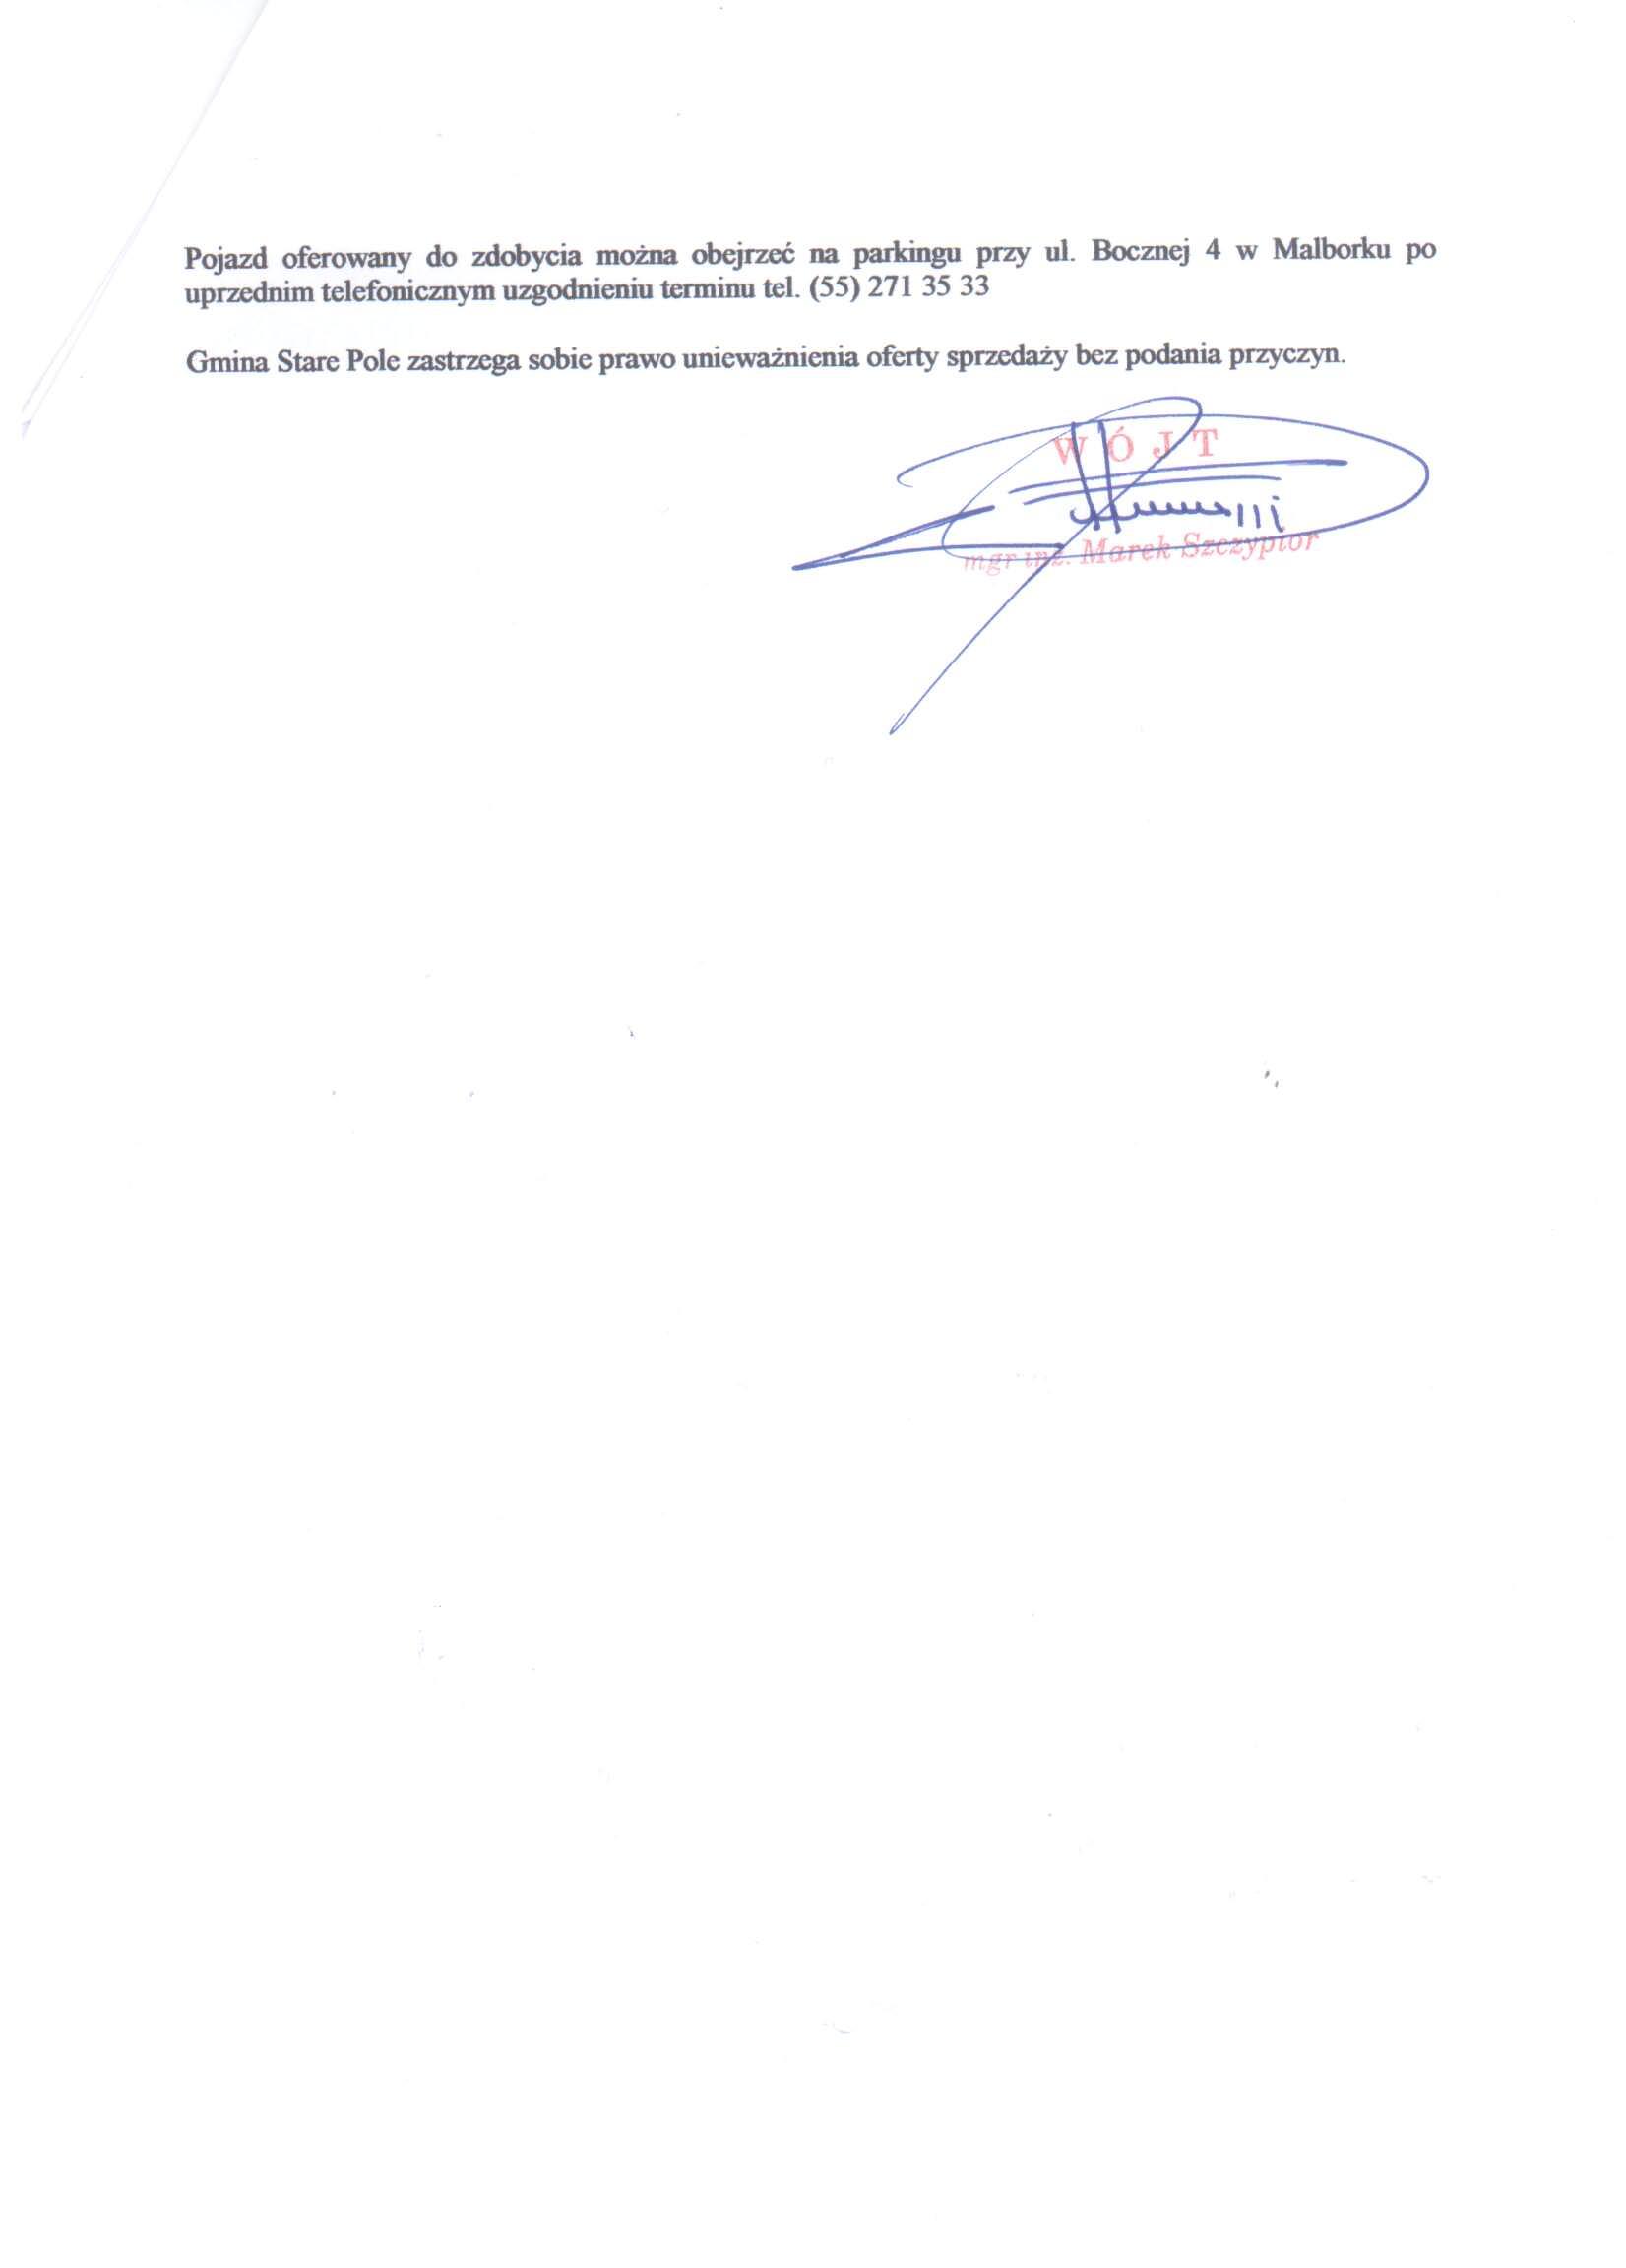 Zapytanie ofertowe z dnia 22 marca 2017 r. - str. 2